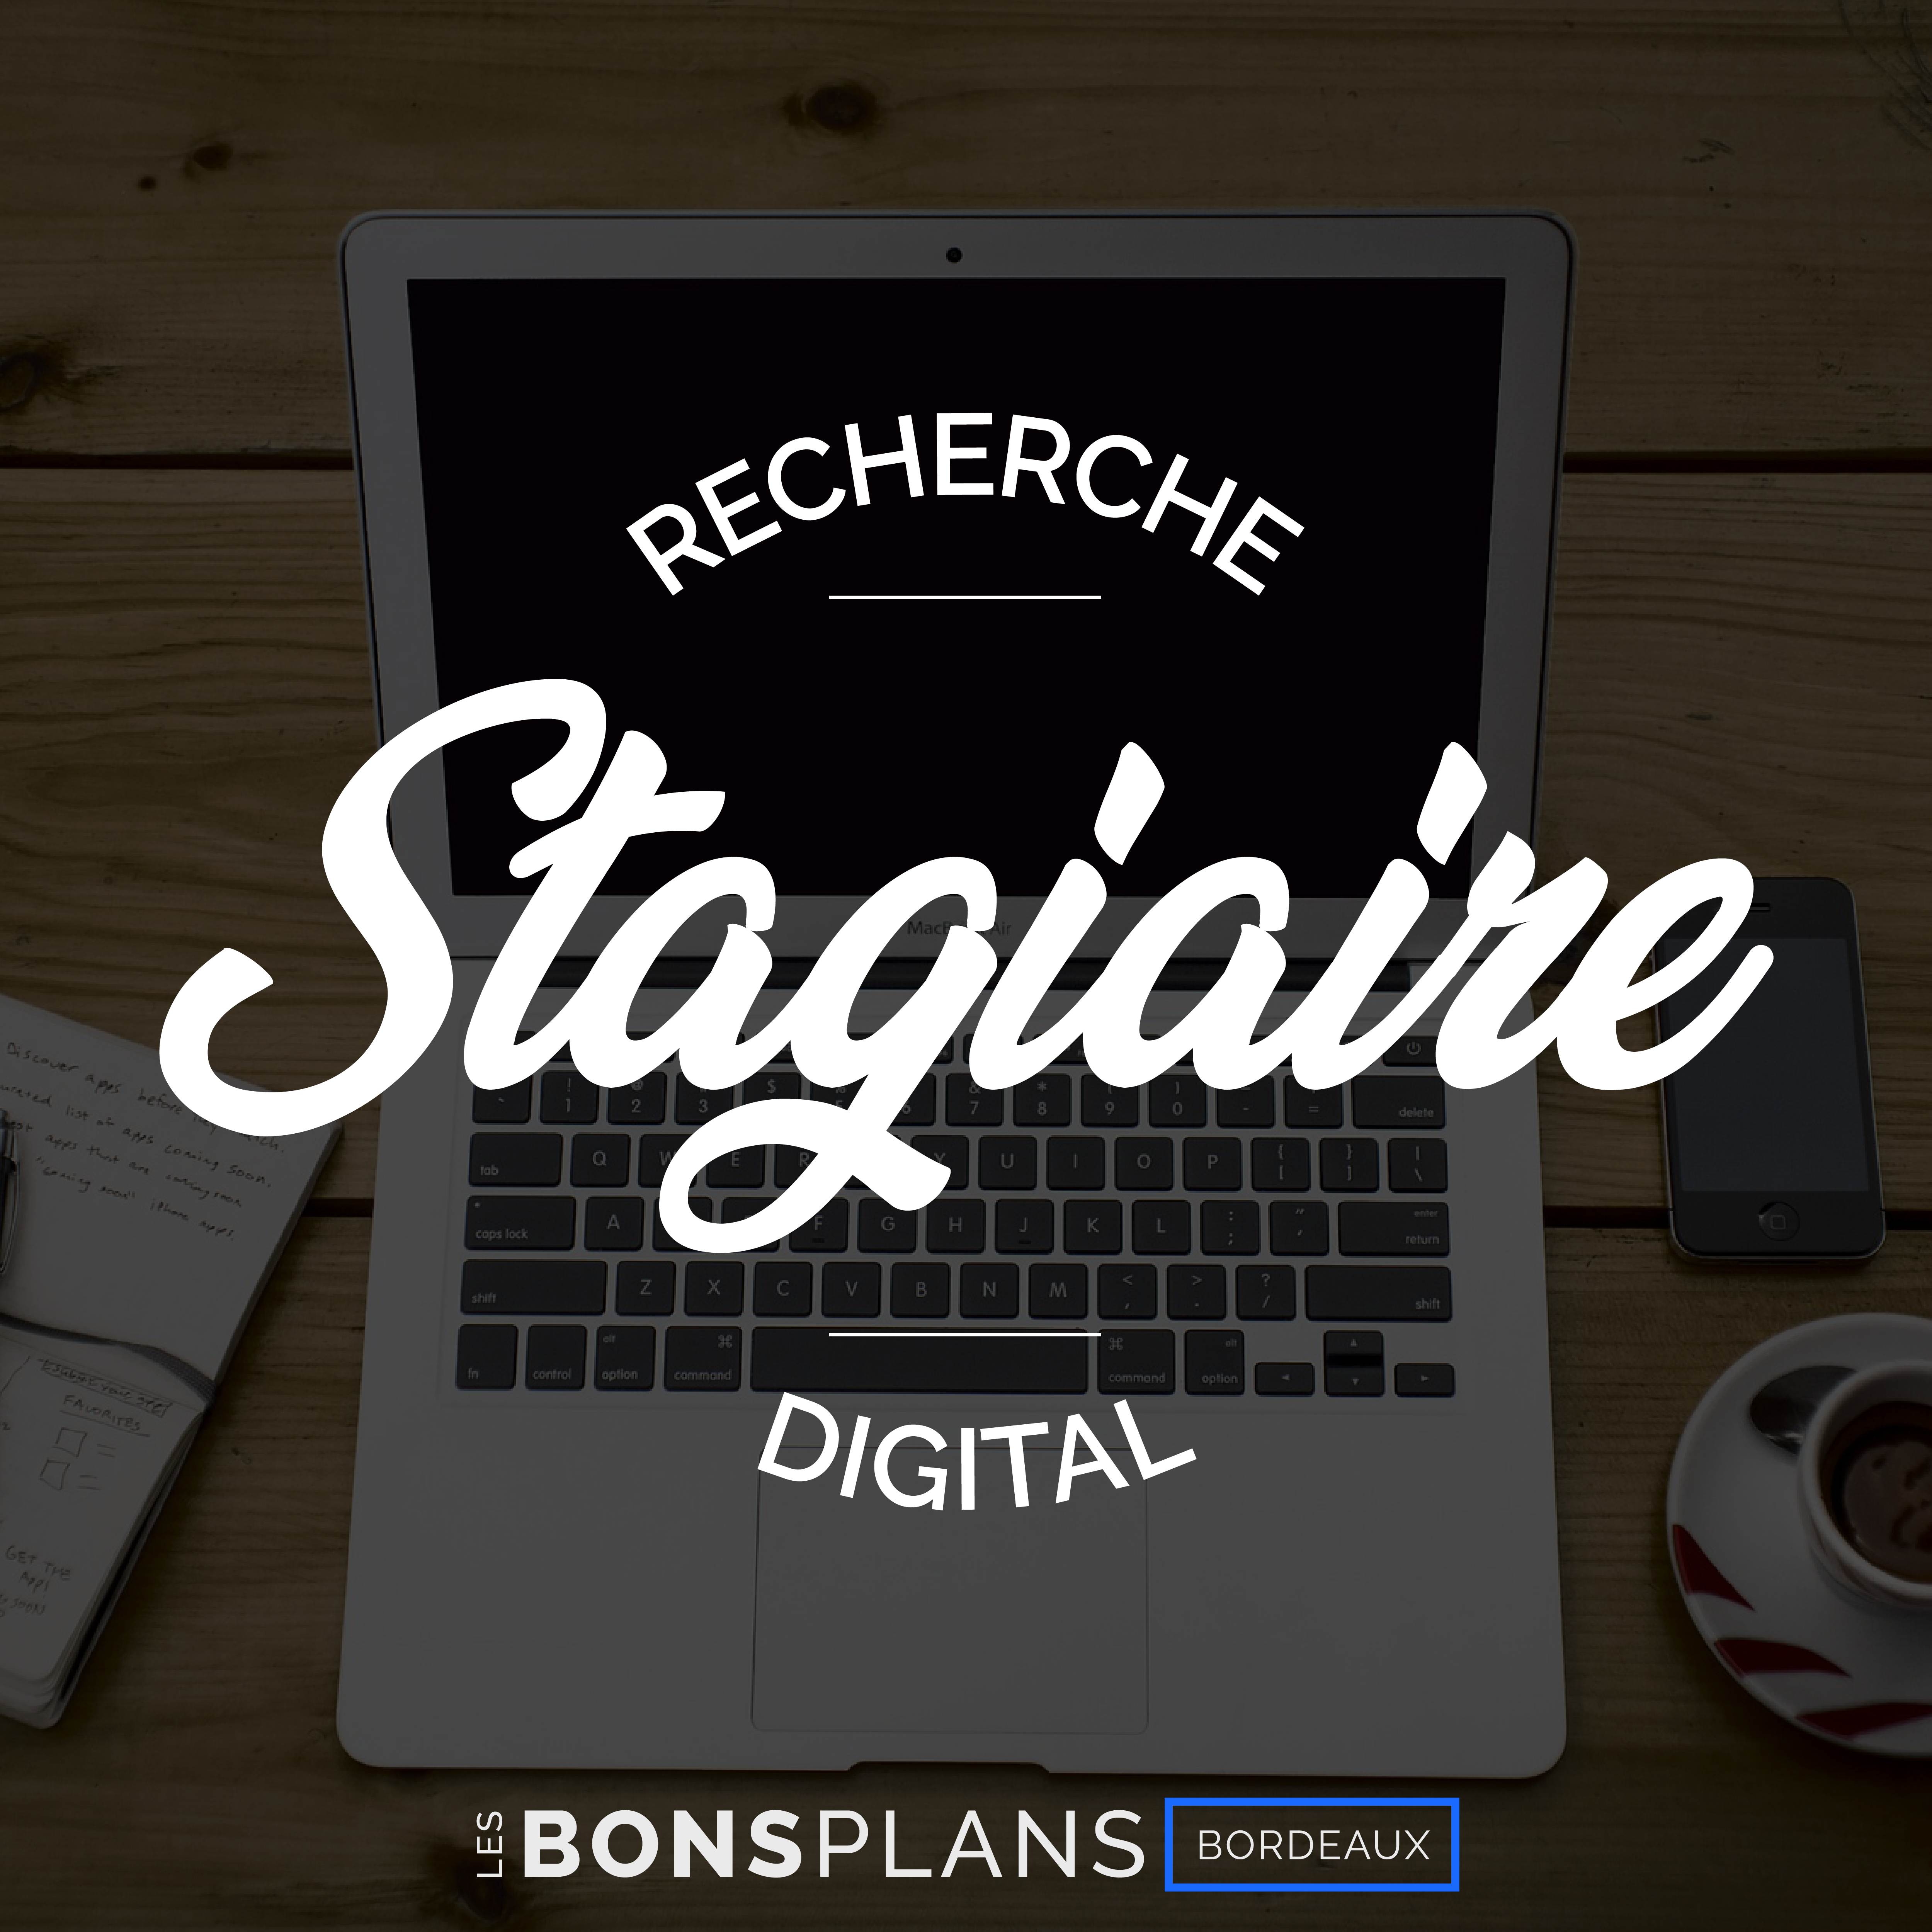 Les Bons Plans à Bordeaux recherche un(e) stagiaire pour une période de 4/6 mois pour la rentrée de septembre